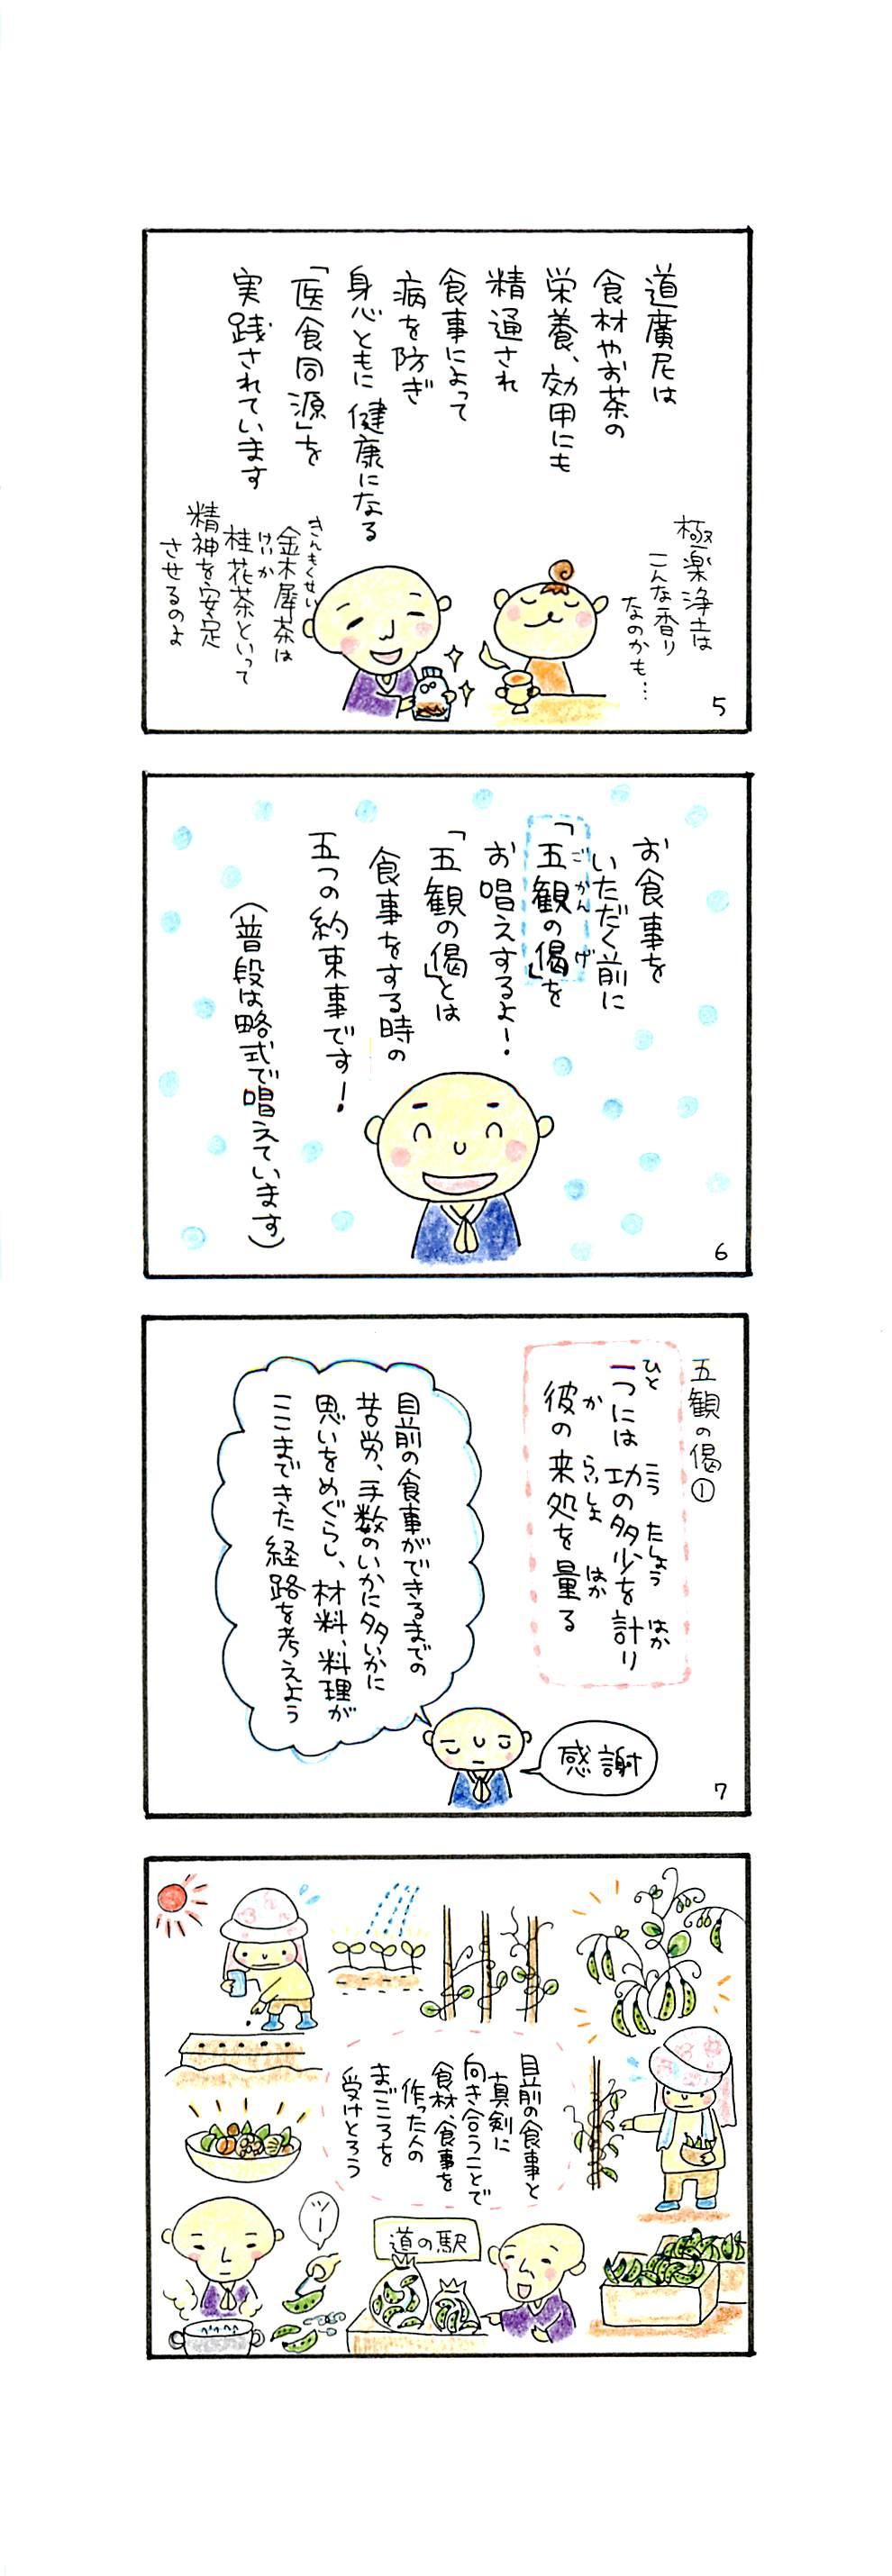 五観の偈薫明漫画_ページ_2